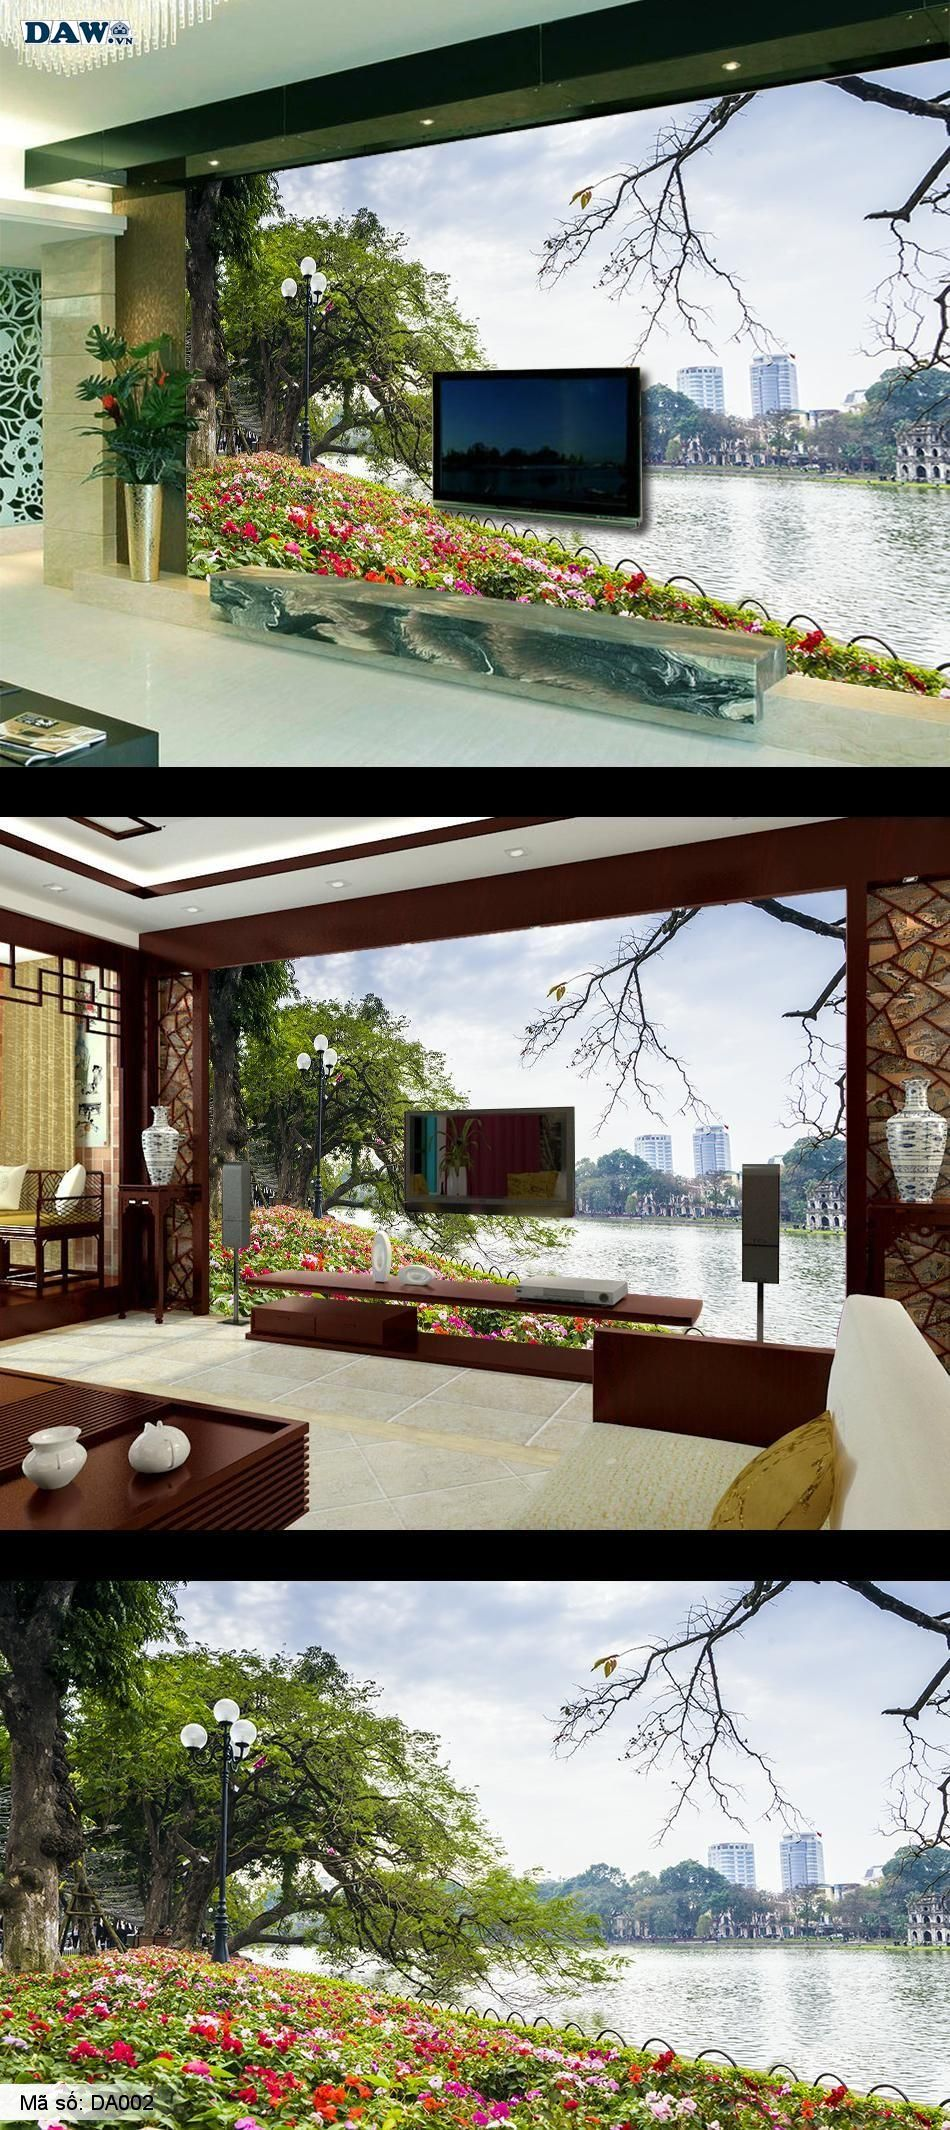 Hồ Hoàn Kiếm, Hồ Gươm, mùa xuân Hà Nội, Hồ Con Rùa DA002